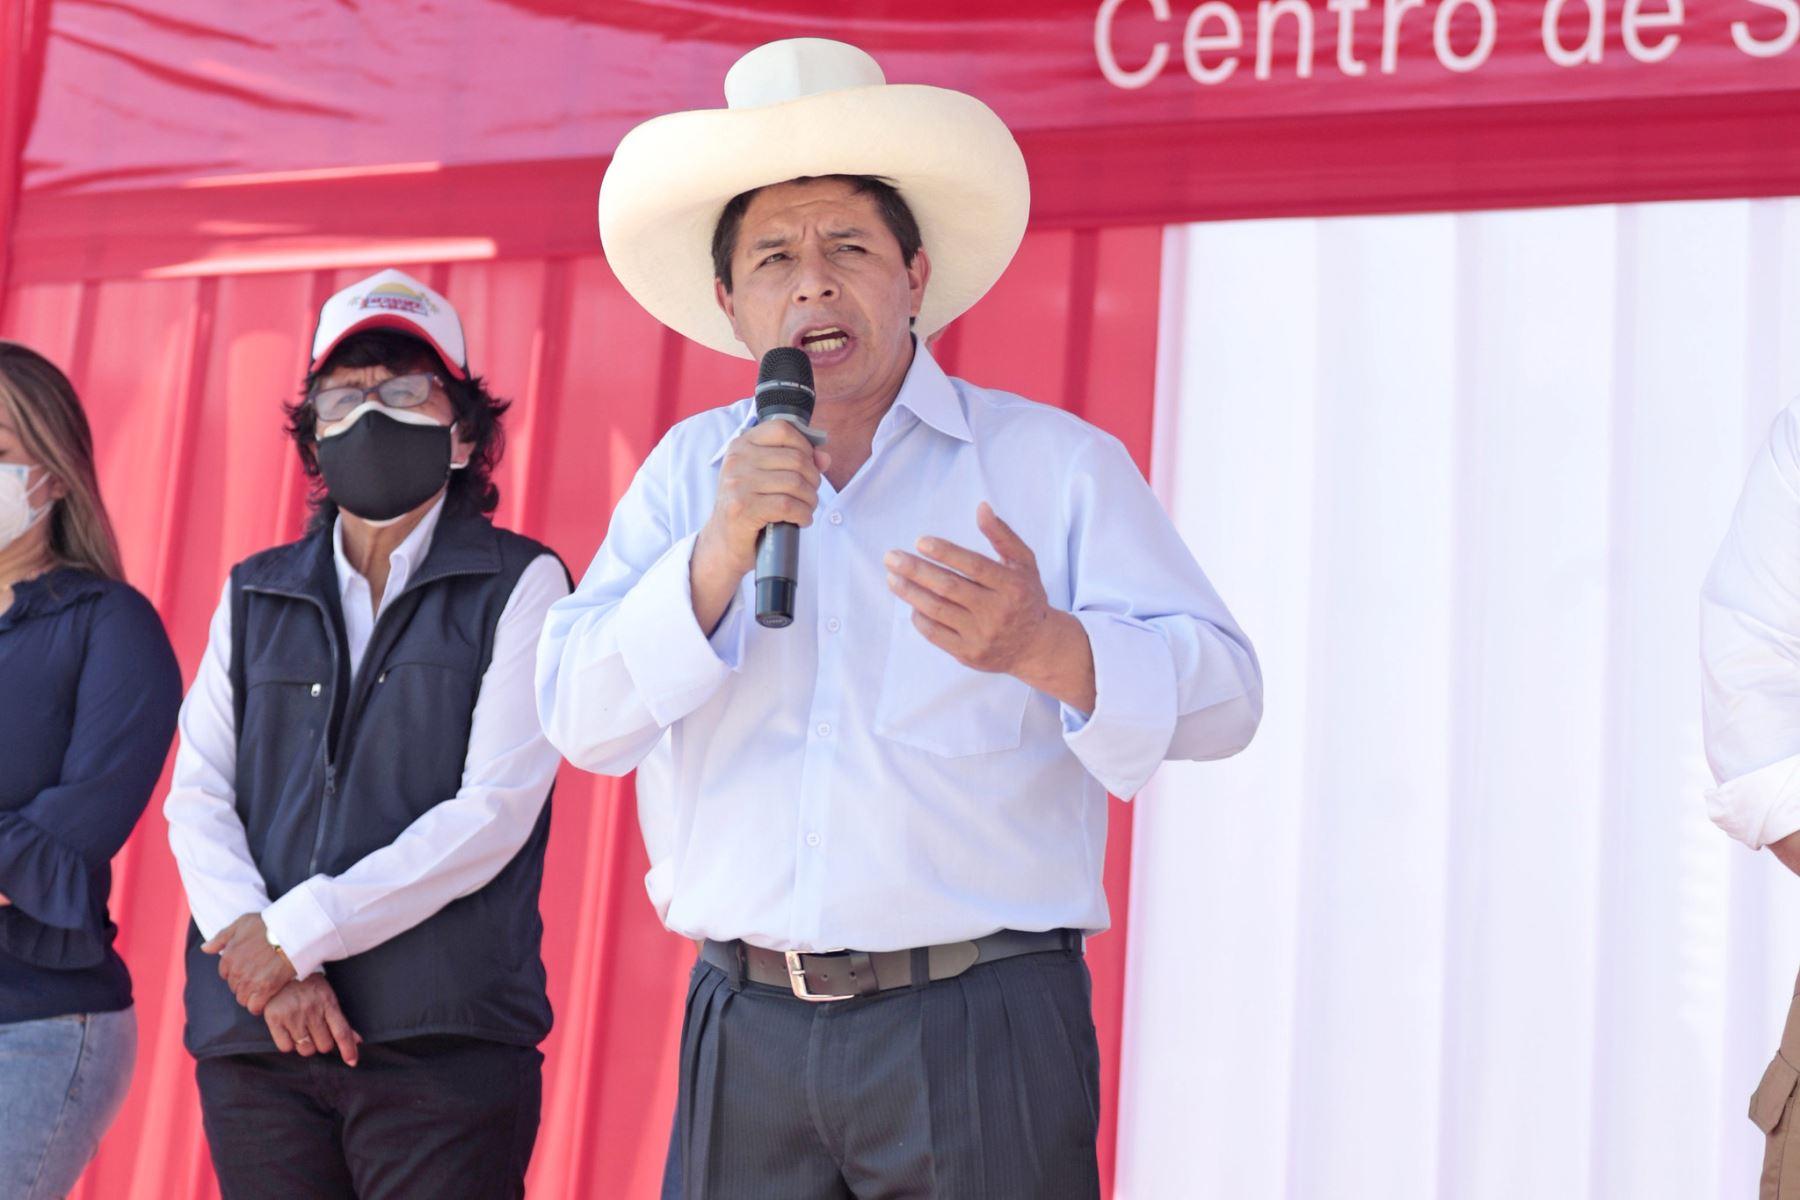 El presidente de la República, Pedro Castillo, arribó a la región San Martín y supervisó el servicio de atención del Hospital de Picota. Foto: ANDINA/ Prensa Presidencia